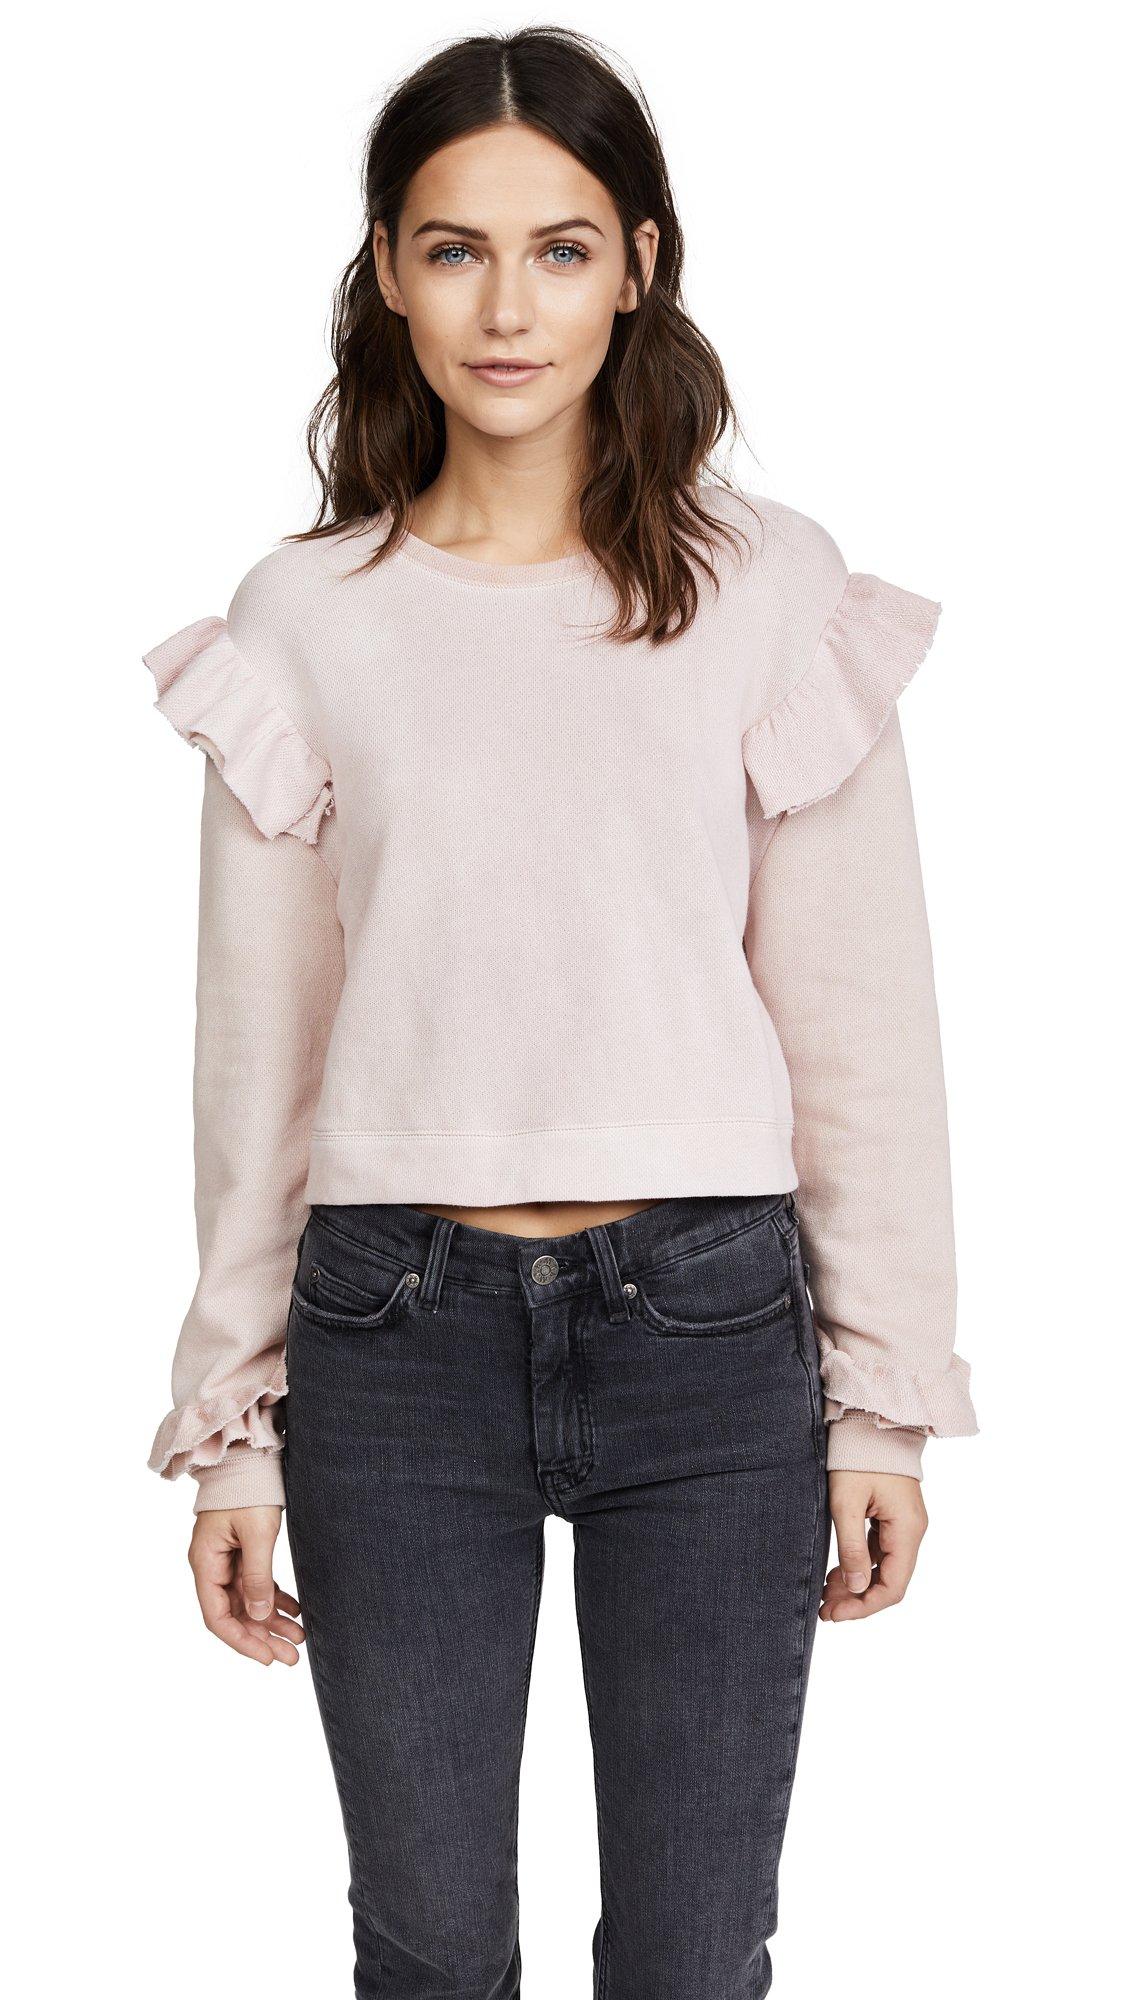 LOVESHACKFANCY Women's Ruffle Sweatshirt, Dusty Rose, X-Small